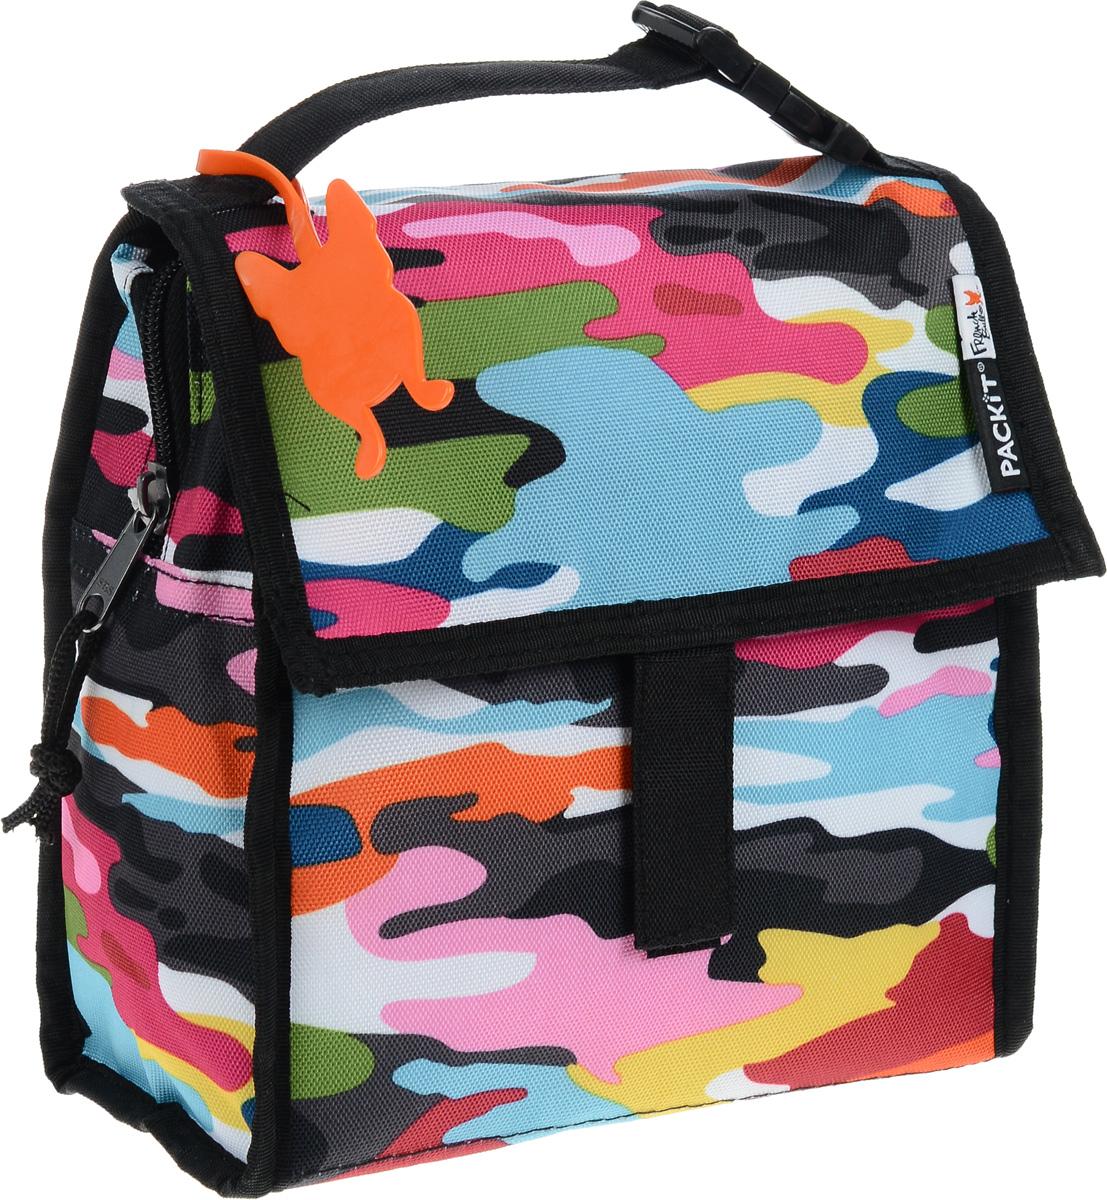 Сумка-холодильник Packit Lunch Bag, цвет: черный, розовый, голубой, 1,9 л96515412Сумка-холодильник Packit Lunch Bag предназначена для транспортировки и хранения продуктов и напитков. Охлаждает продукты как холодильник. Сумка изготовлена из ПВХ, BPA-Free (без содержания бисфенол А), внутренняя поверхность - из специального термоизоляционного материала, который надежно удерживает холод внутри. Для удобной переноски сумка снабжена ручкой с пластиковой защелкой. Сумка-холодильник закрывается на застежку-молнию, клапаном и фиксируется липучками. Сохраняет температуру до 10 часов. Размер сумки (в разложенном виде): 20 х 10,5 х 20 см.Размер сумки (в сложенном виде): 20 х 2 х 20 см.